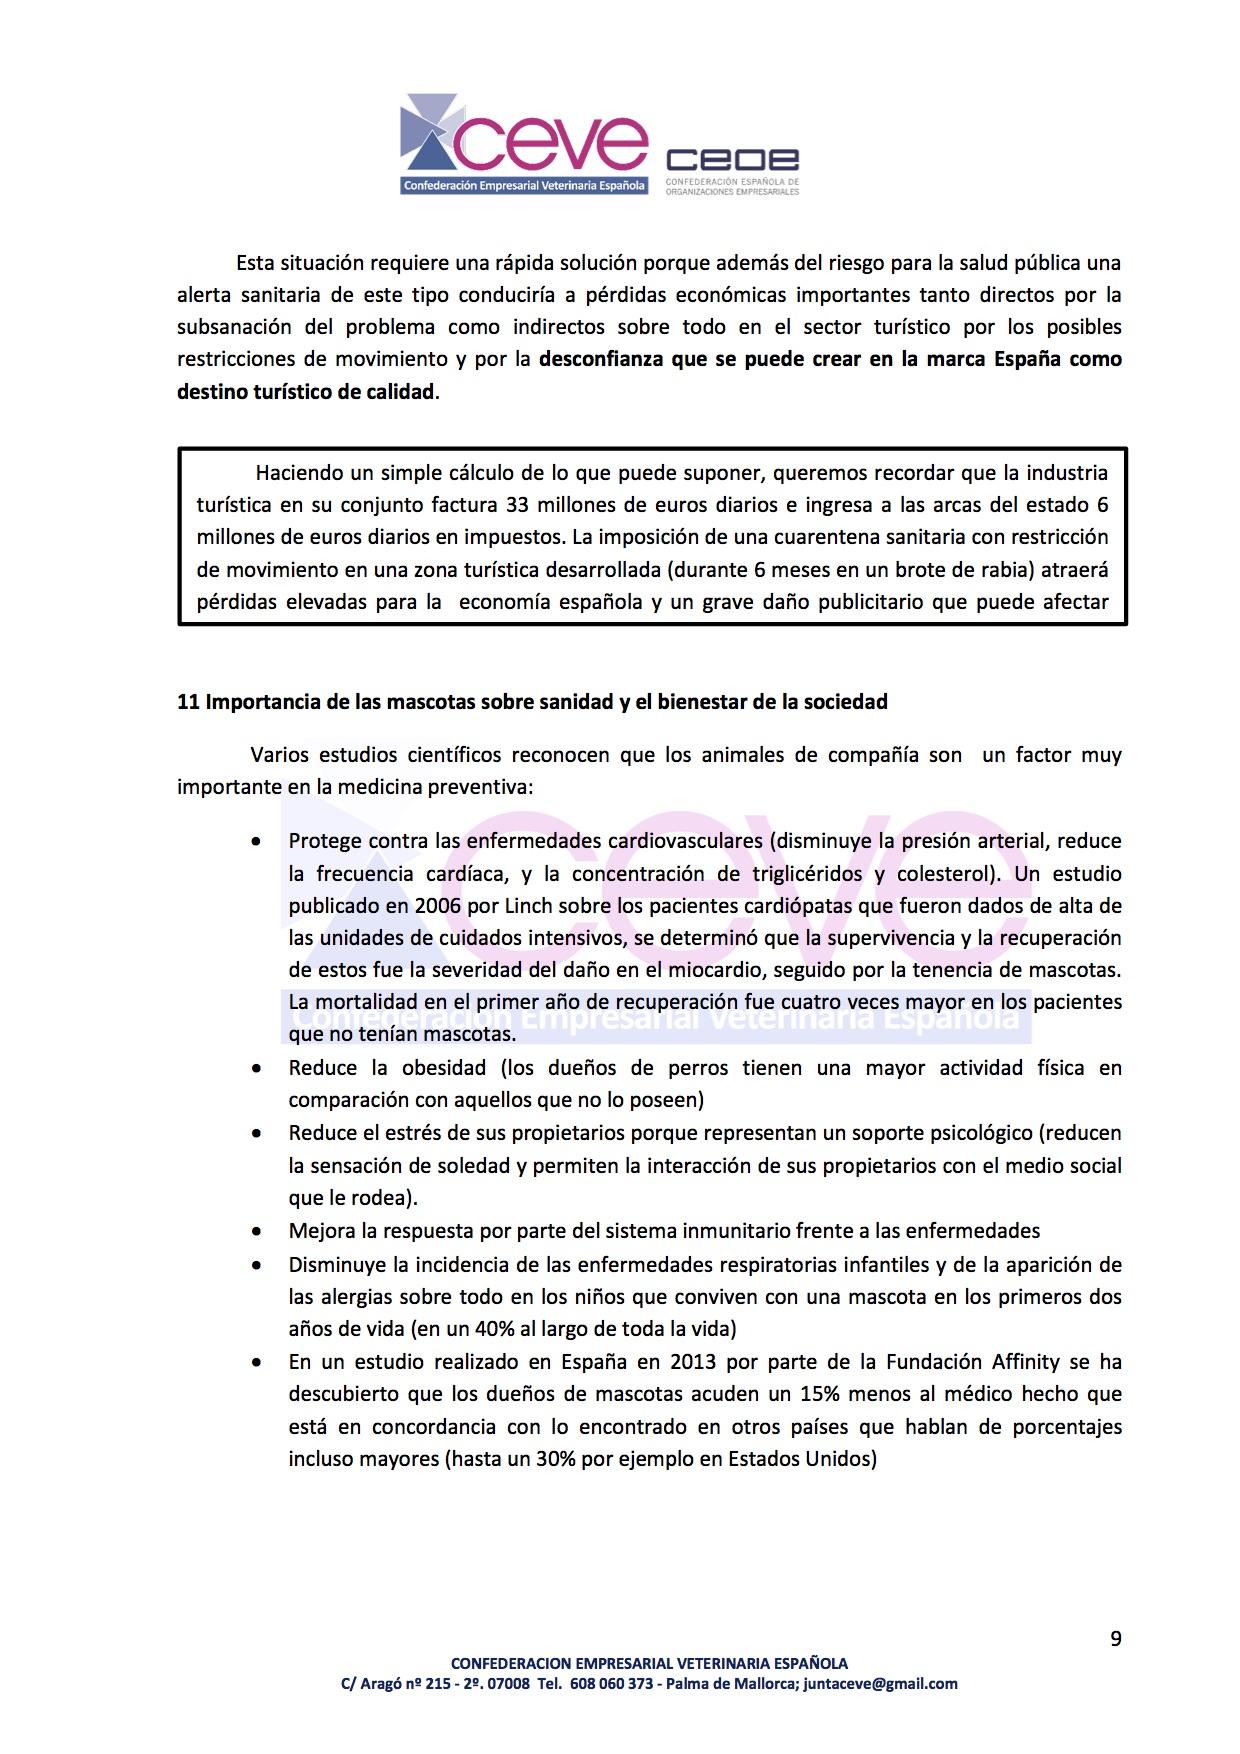 INFOME CEVE SOBRE EL IVA 10VETERINARIO DESBLOQUEADO